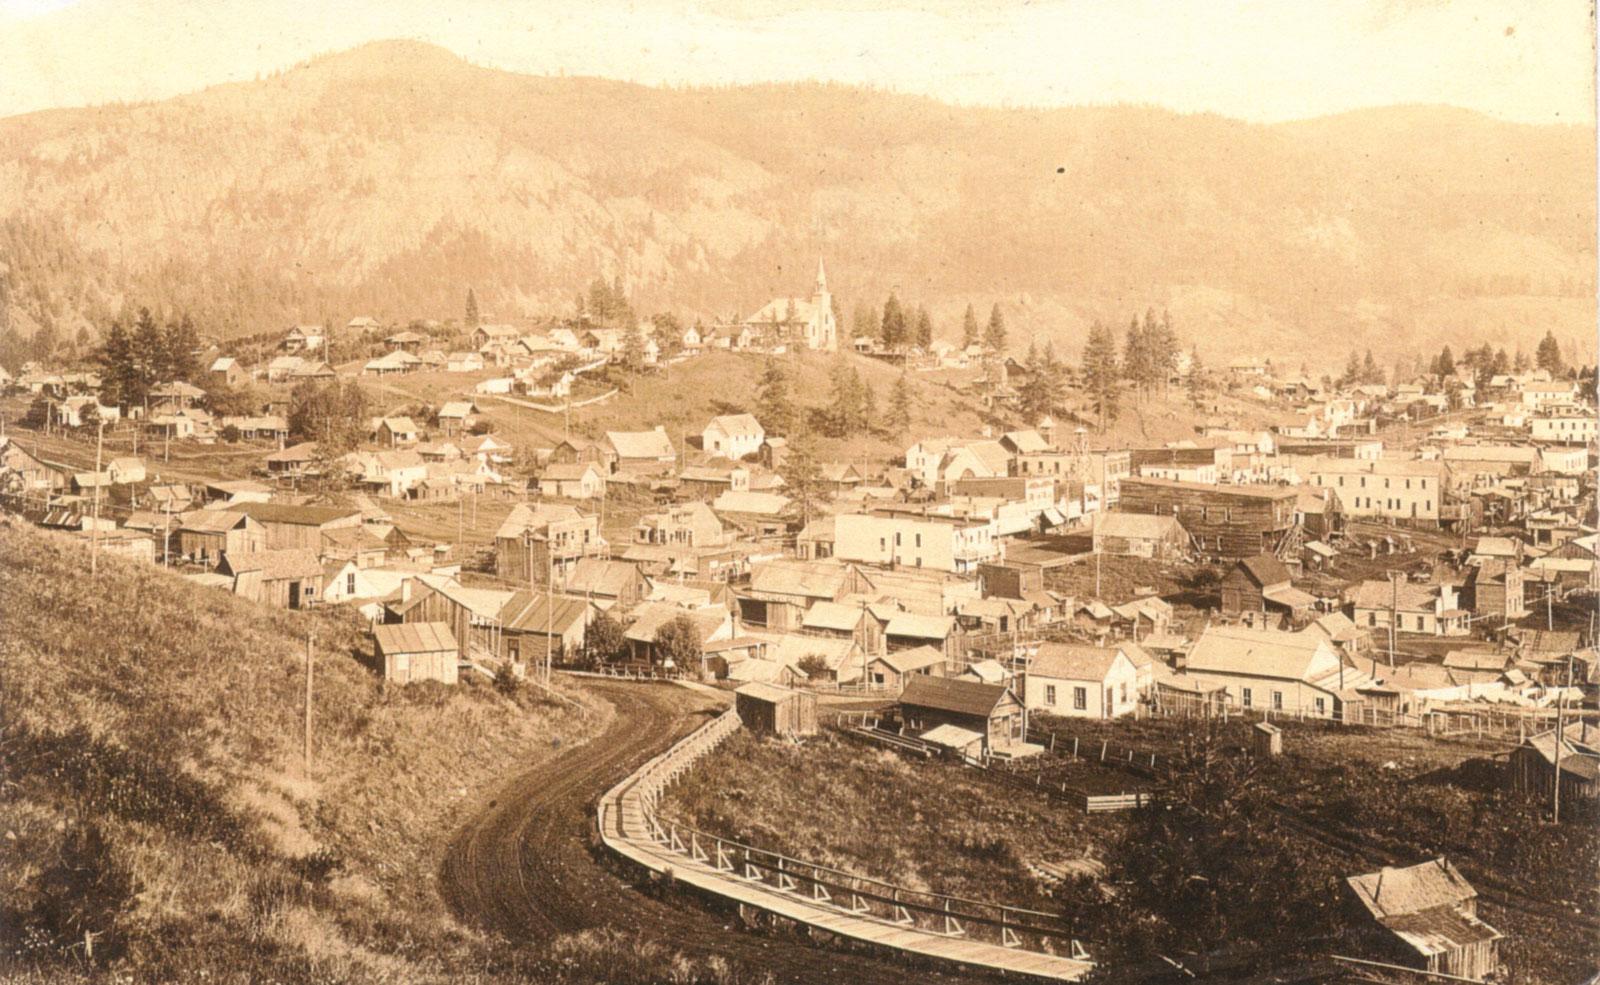 Republic, 1915